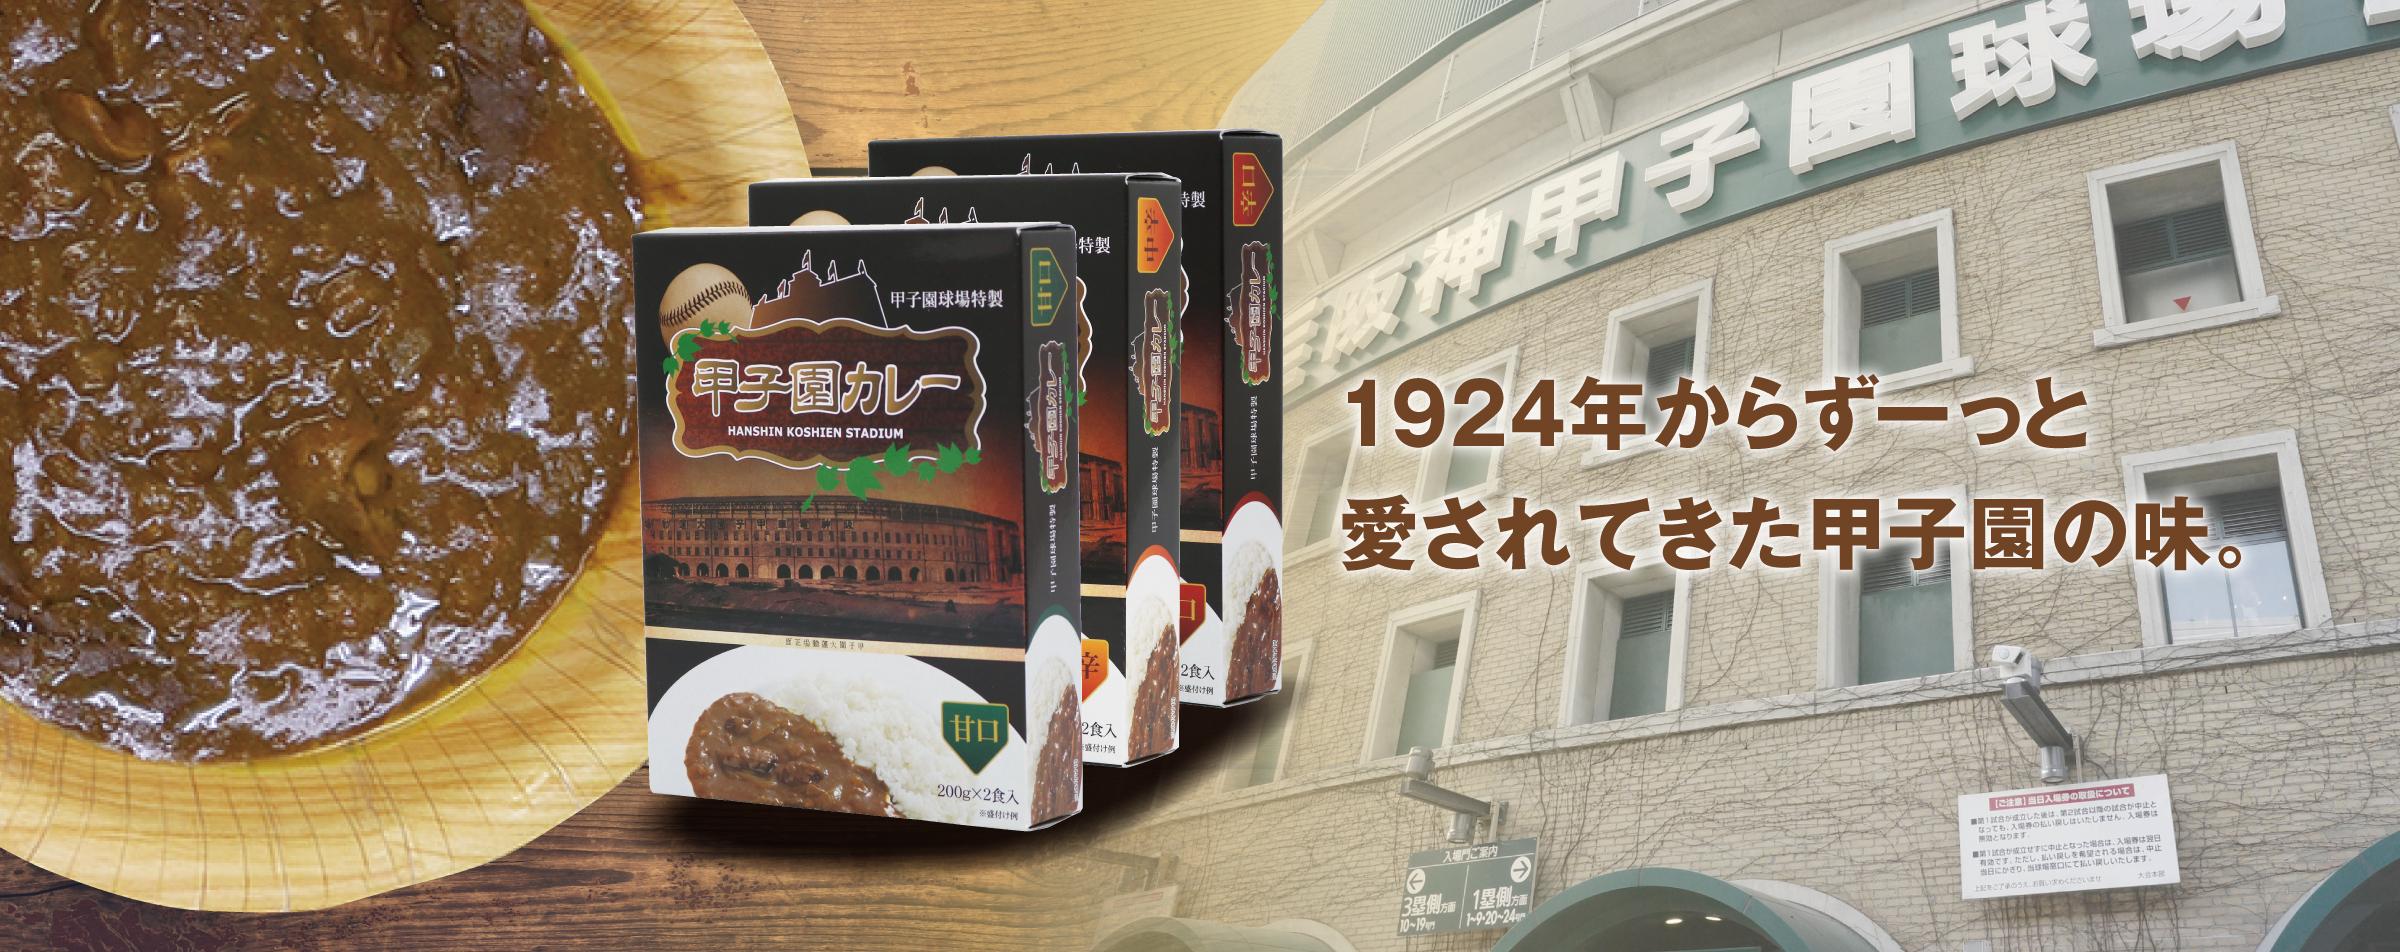 1924年からずーっと愛されてきた甲子園の味